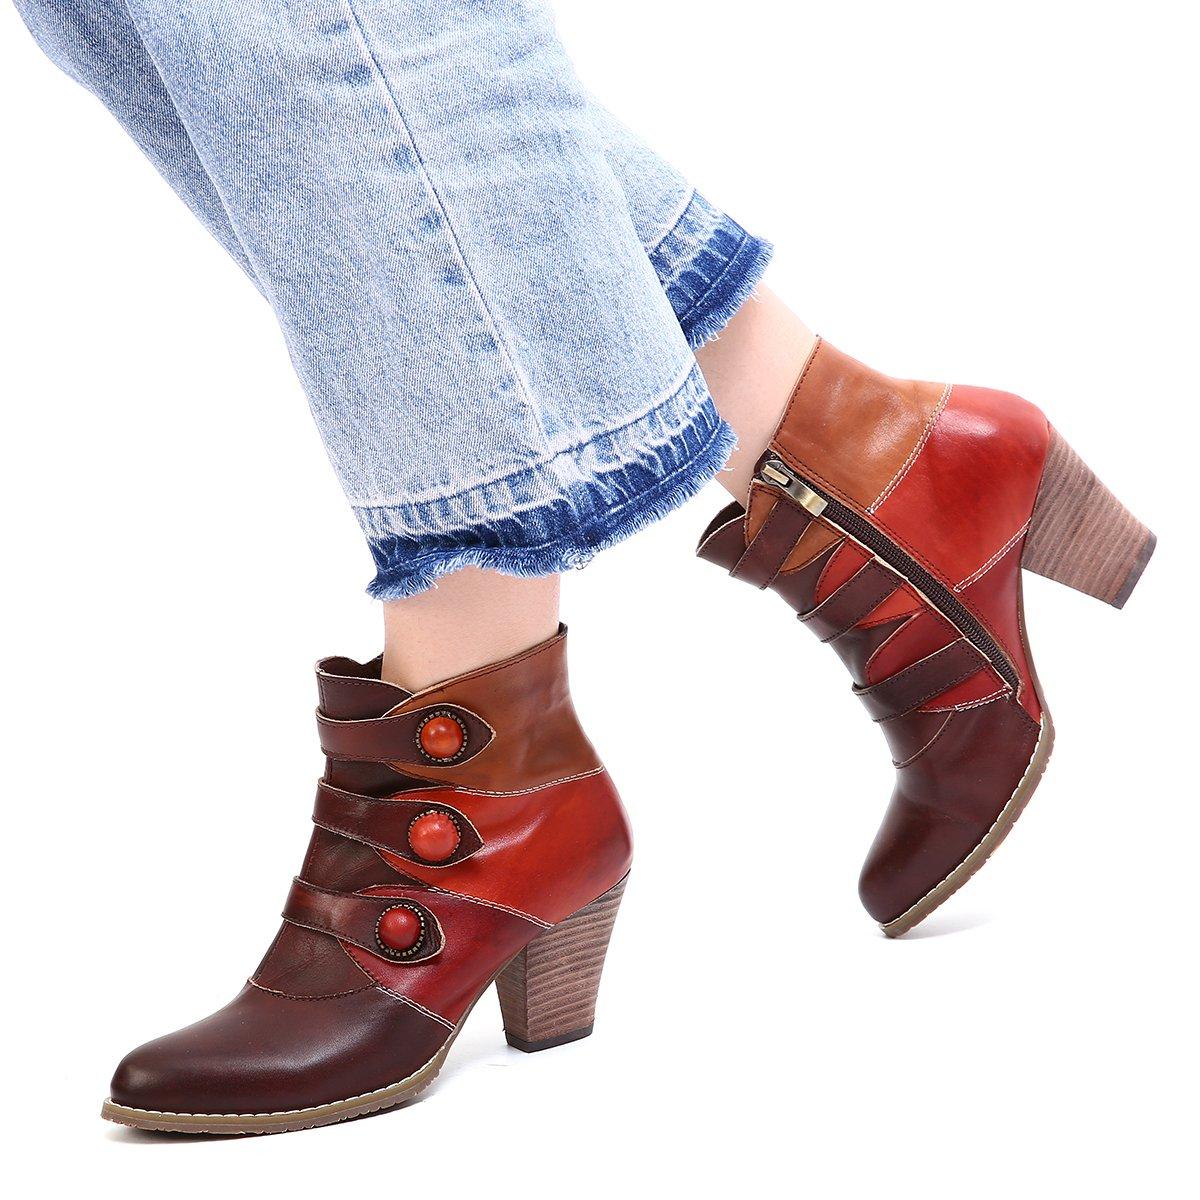 gracosy Bottes Cuir Femme, Bottines Hiver Boots à Talons Moyens Hauts Chaussures Ville Automne avec Semelle Confortables Design Original Bohème 2018 pour Grande Poiture - Noir Marron Rouge GRACOSYUKBEATT12895